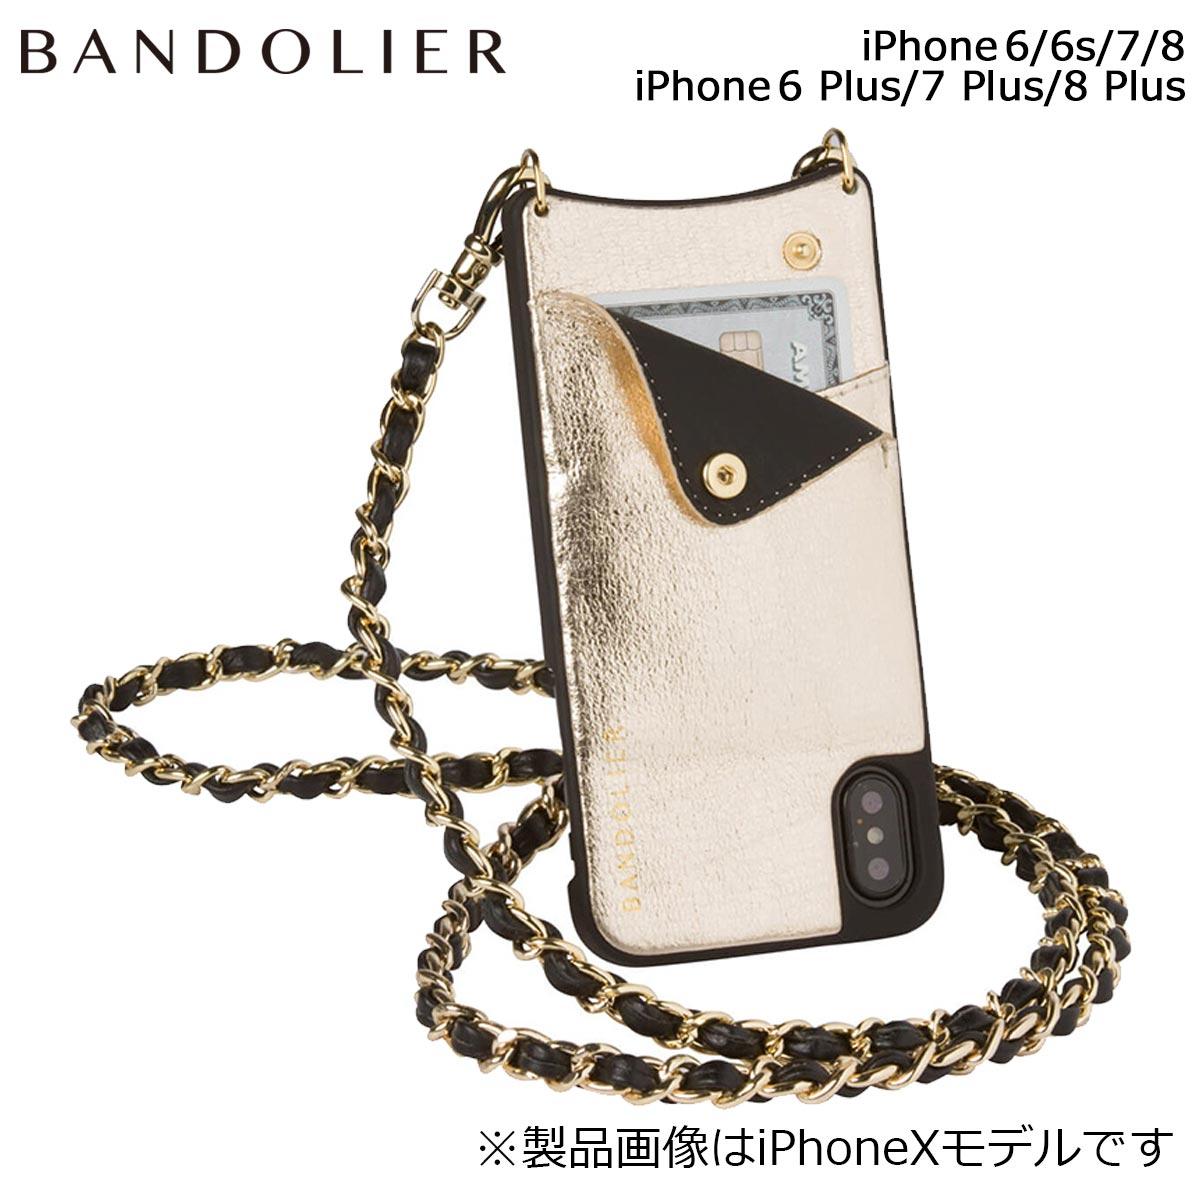 BANDOLIER バンドリヤー iPhone8 iPhone7 7Plus 6s ケース スマホ アイフォン プラス LUCY METALLIC GOLD メンズ レディース ゴールド